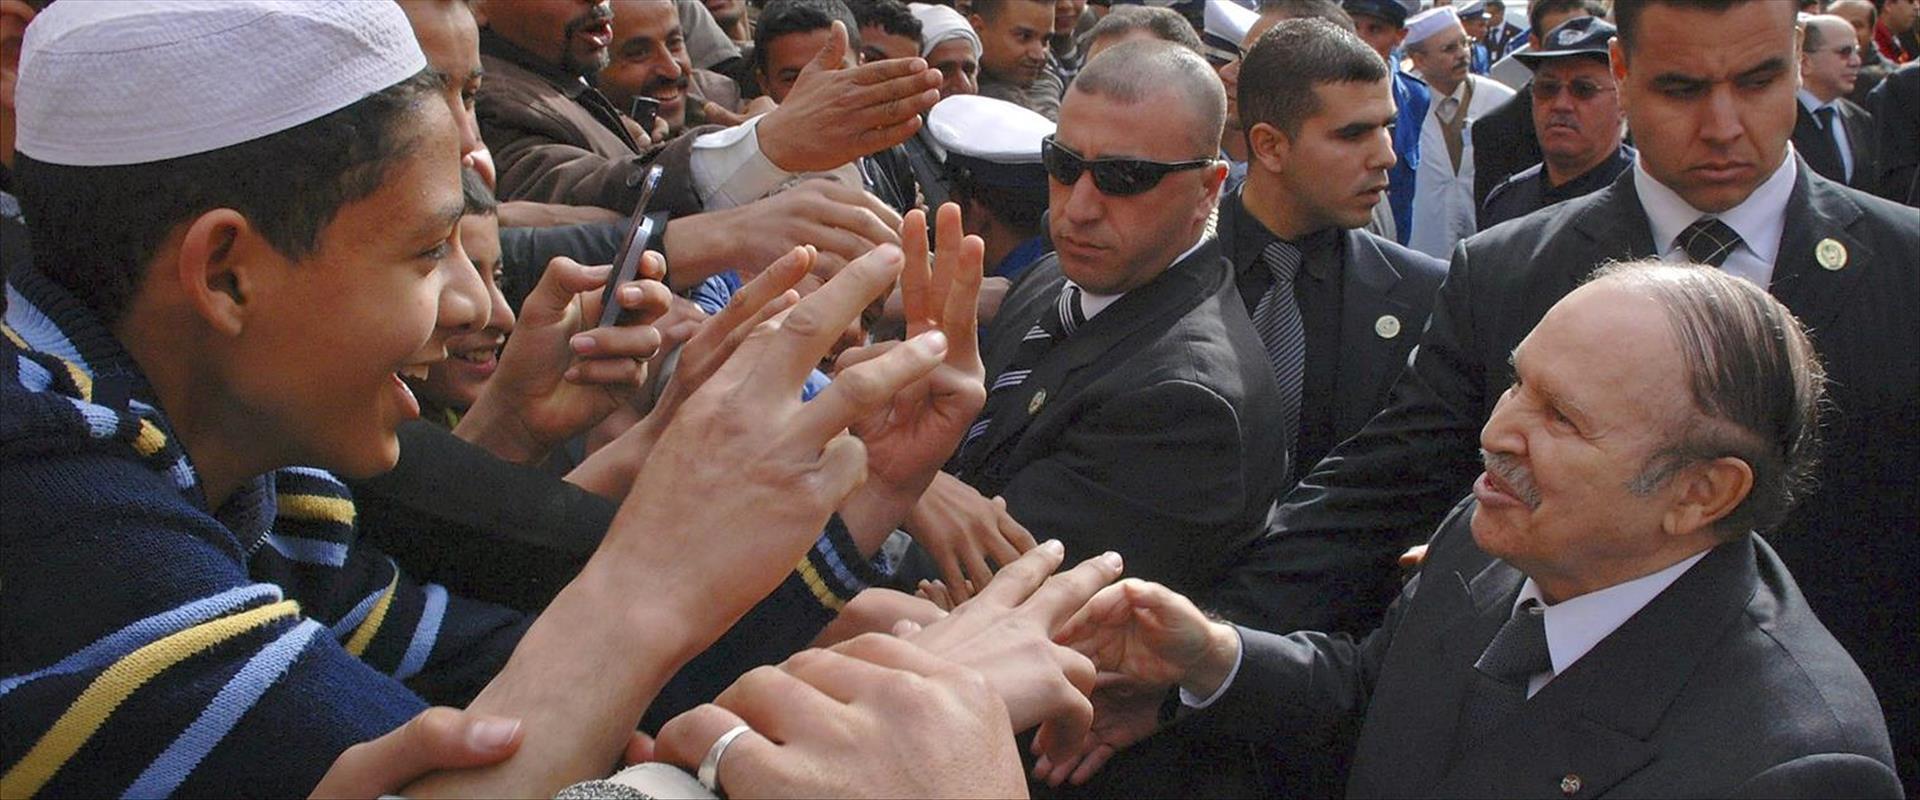 נשיא אלג'יריה היוצא, בותפליקה